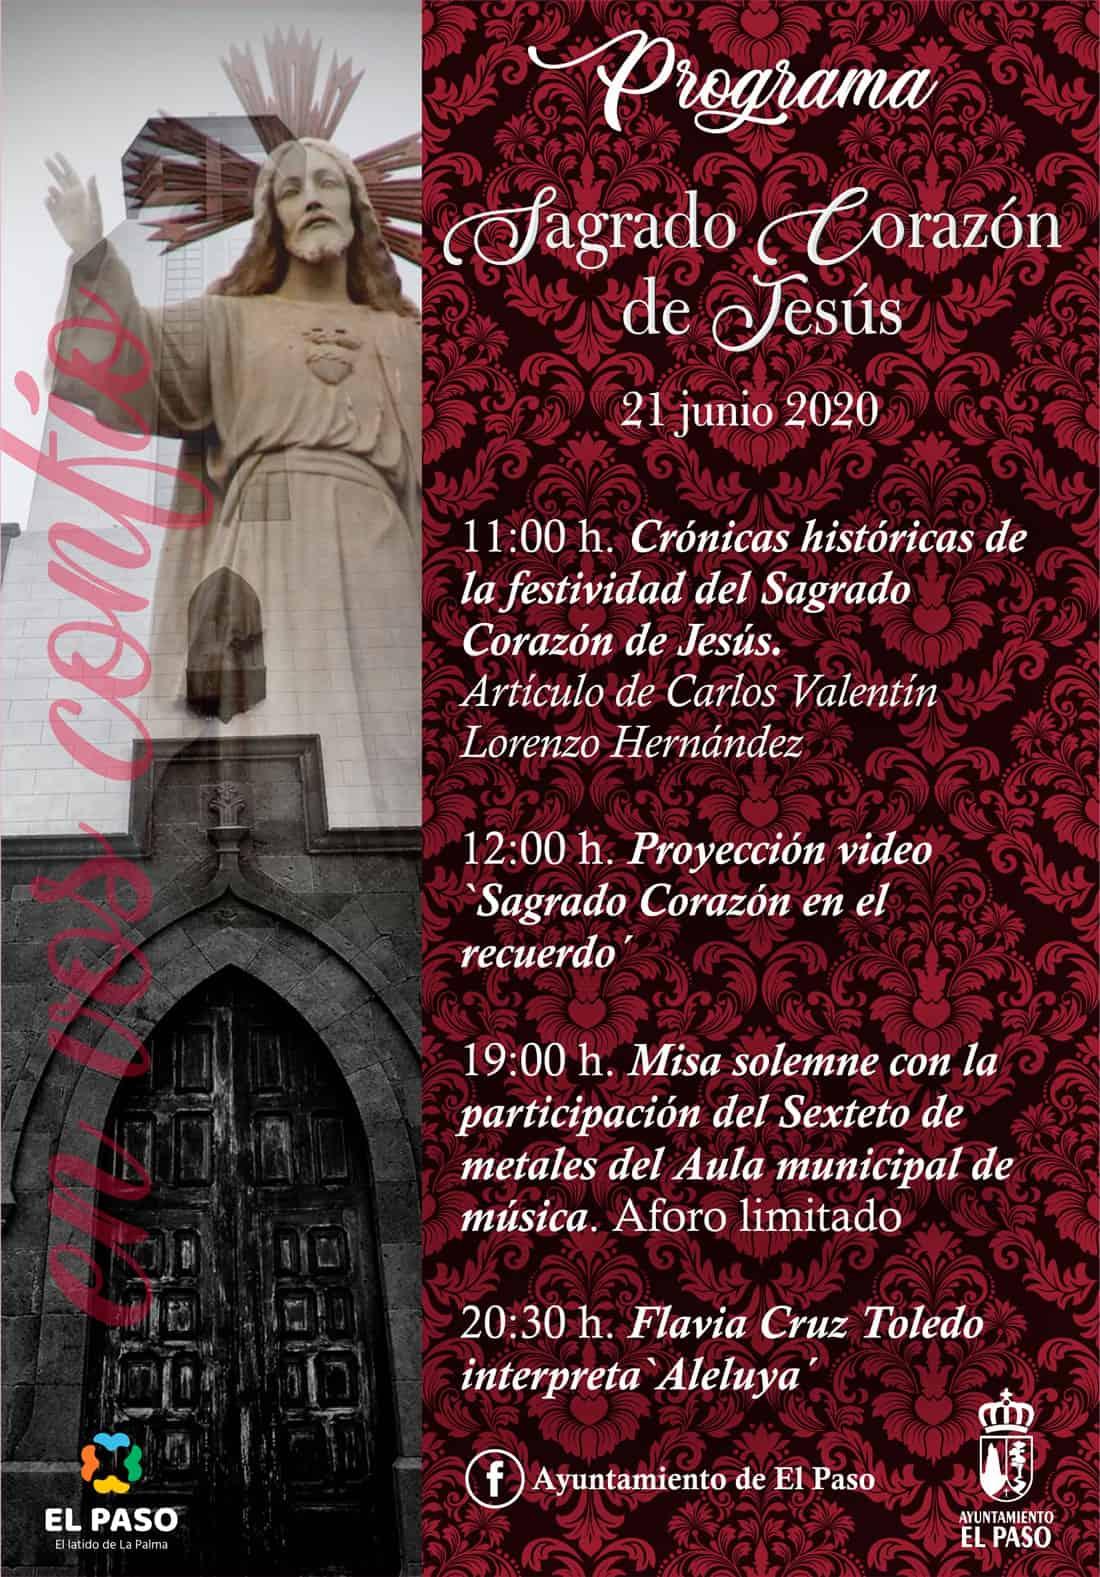 Programa Sagrado Corazón El Paso - Vive El Paso